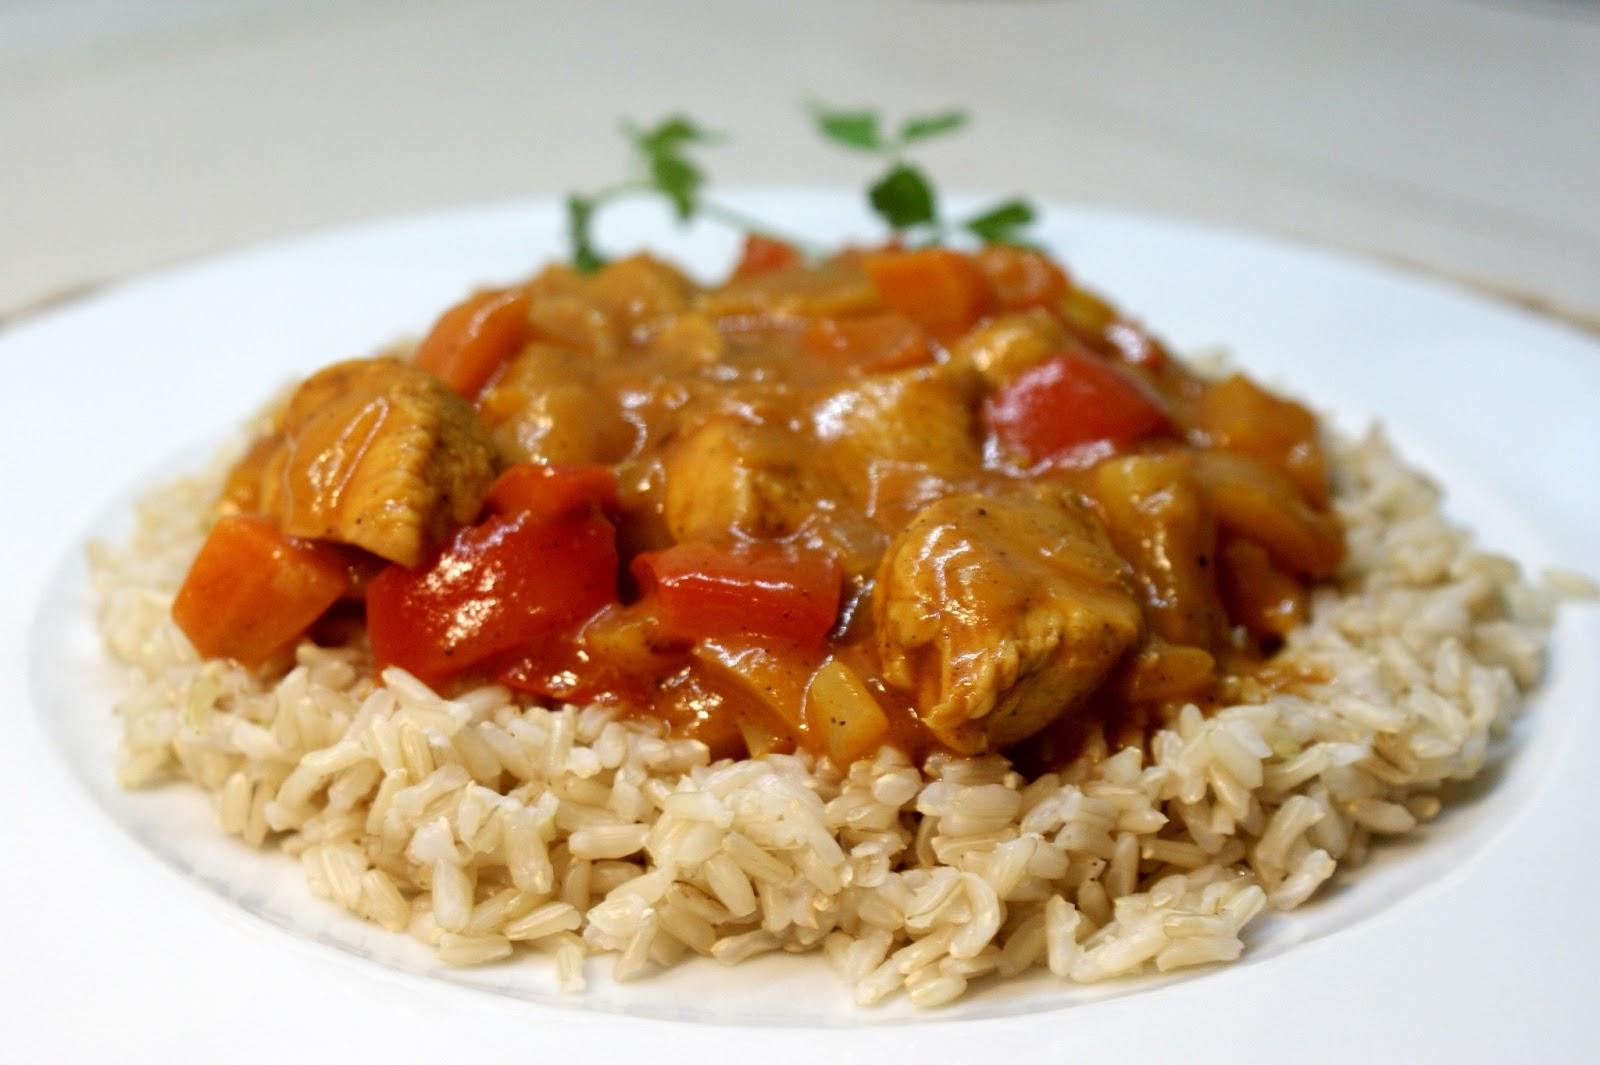 Kurczak Z Ryżem W Sosie Słodko Kwaśnym Inspiracje Kulinarne